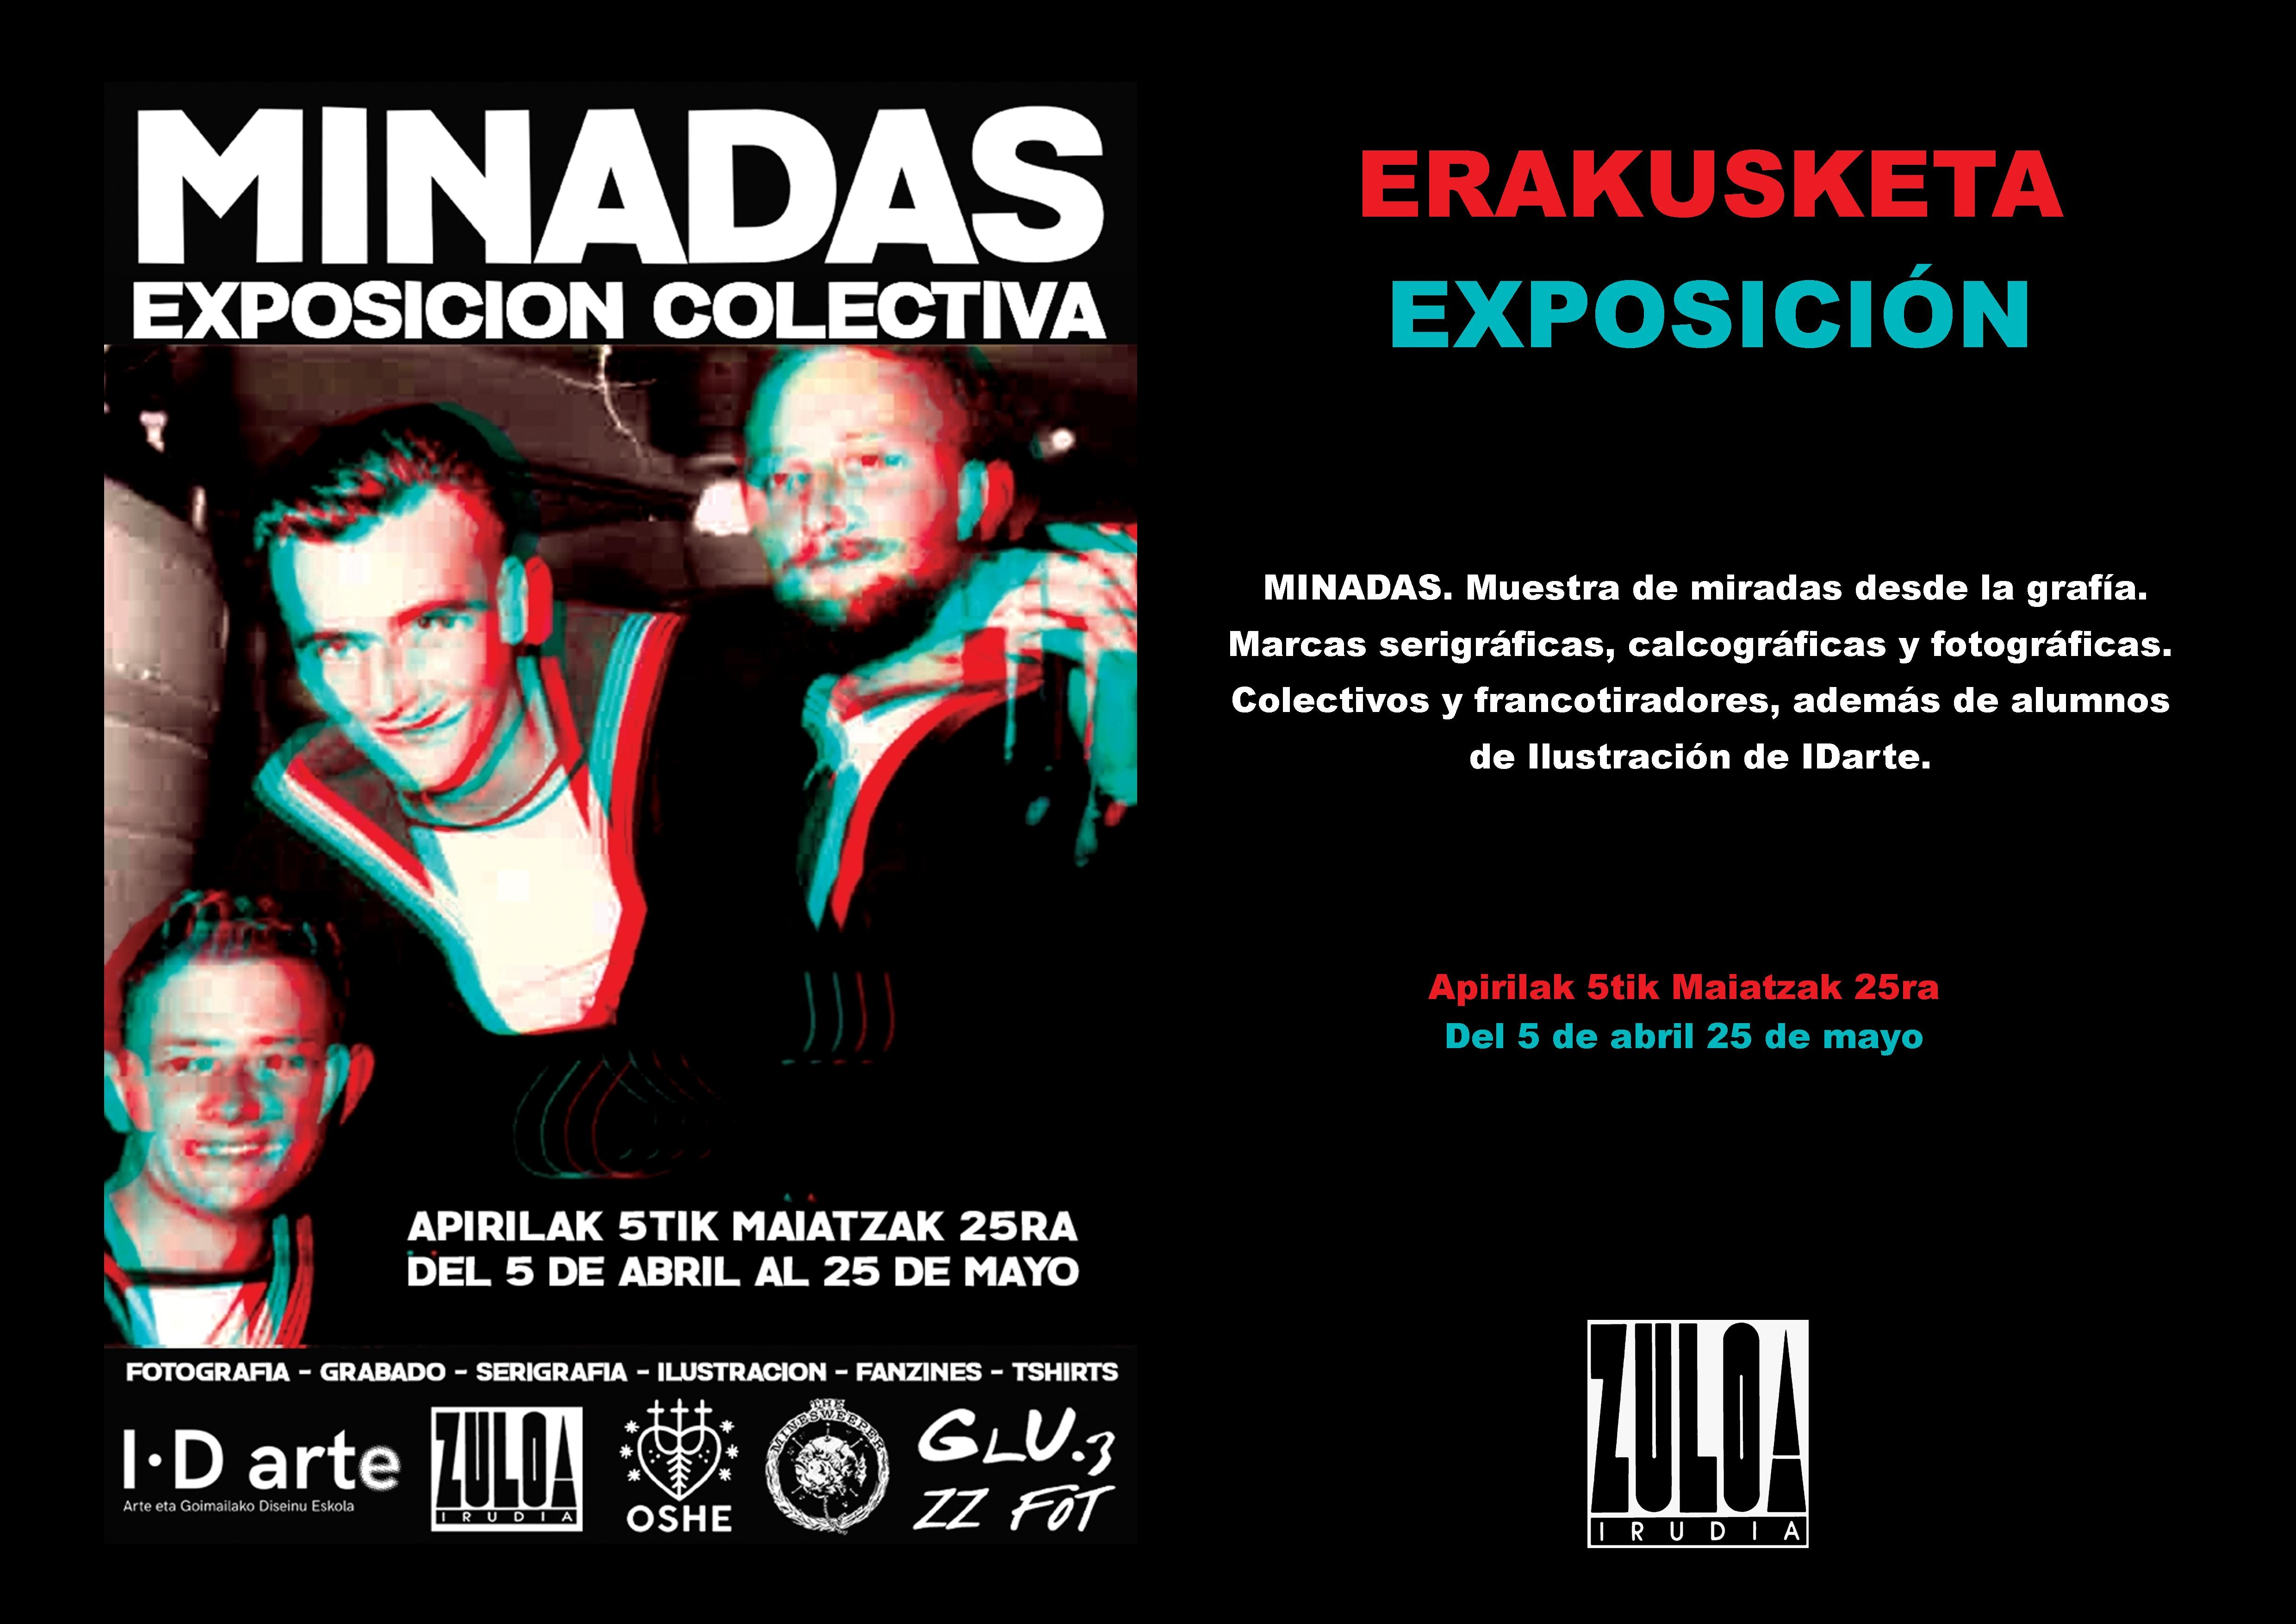 MINADAS Exposición Colectiva